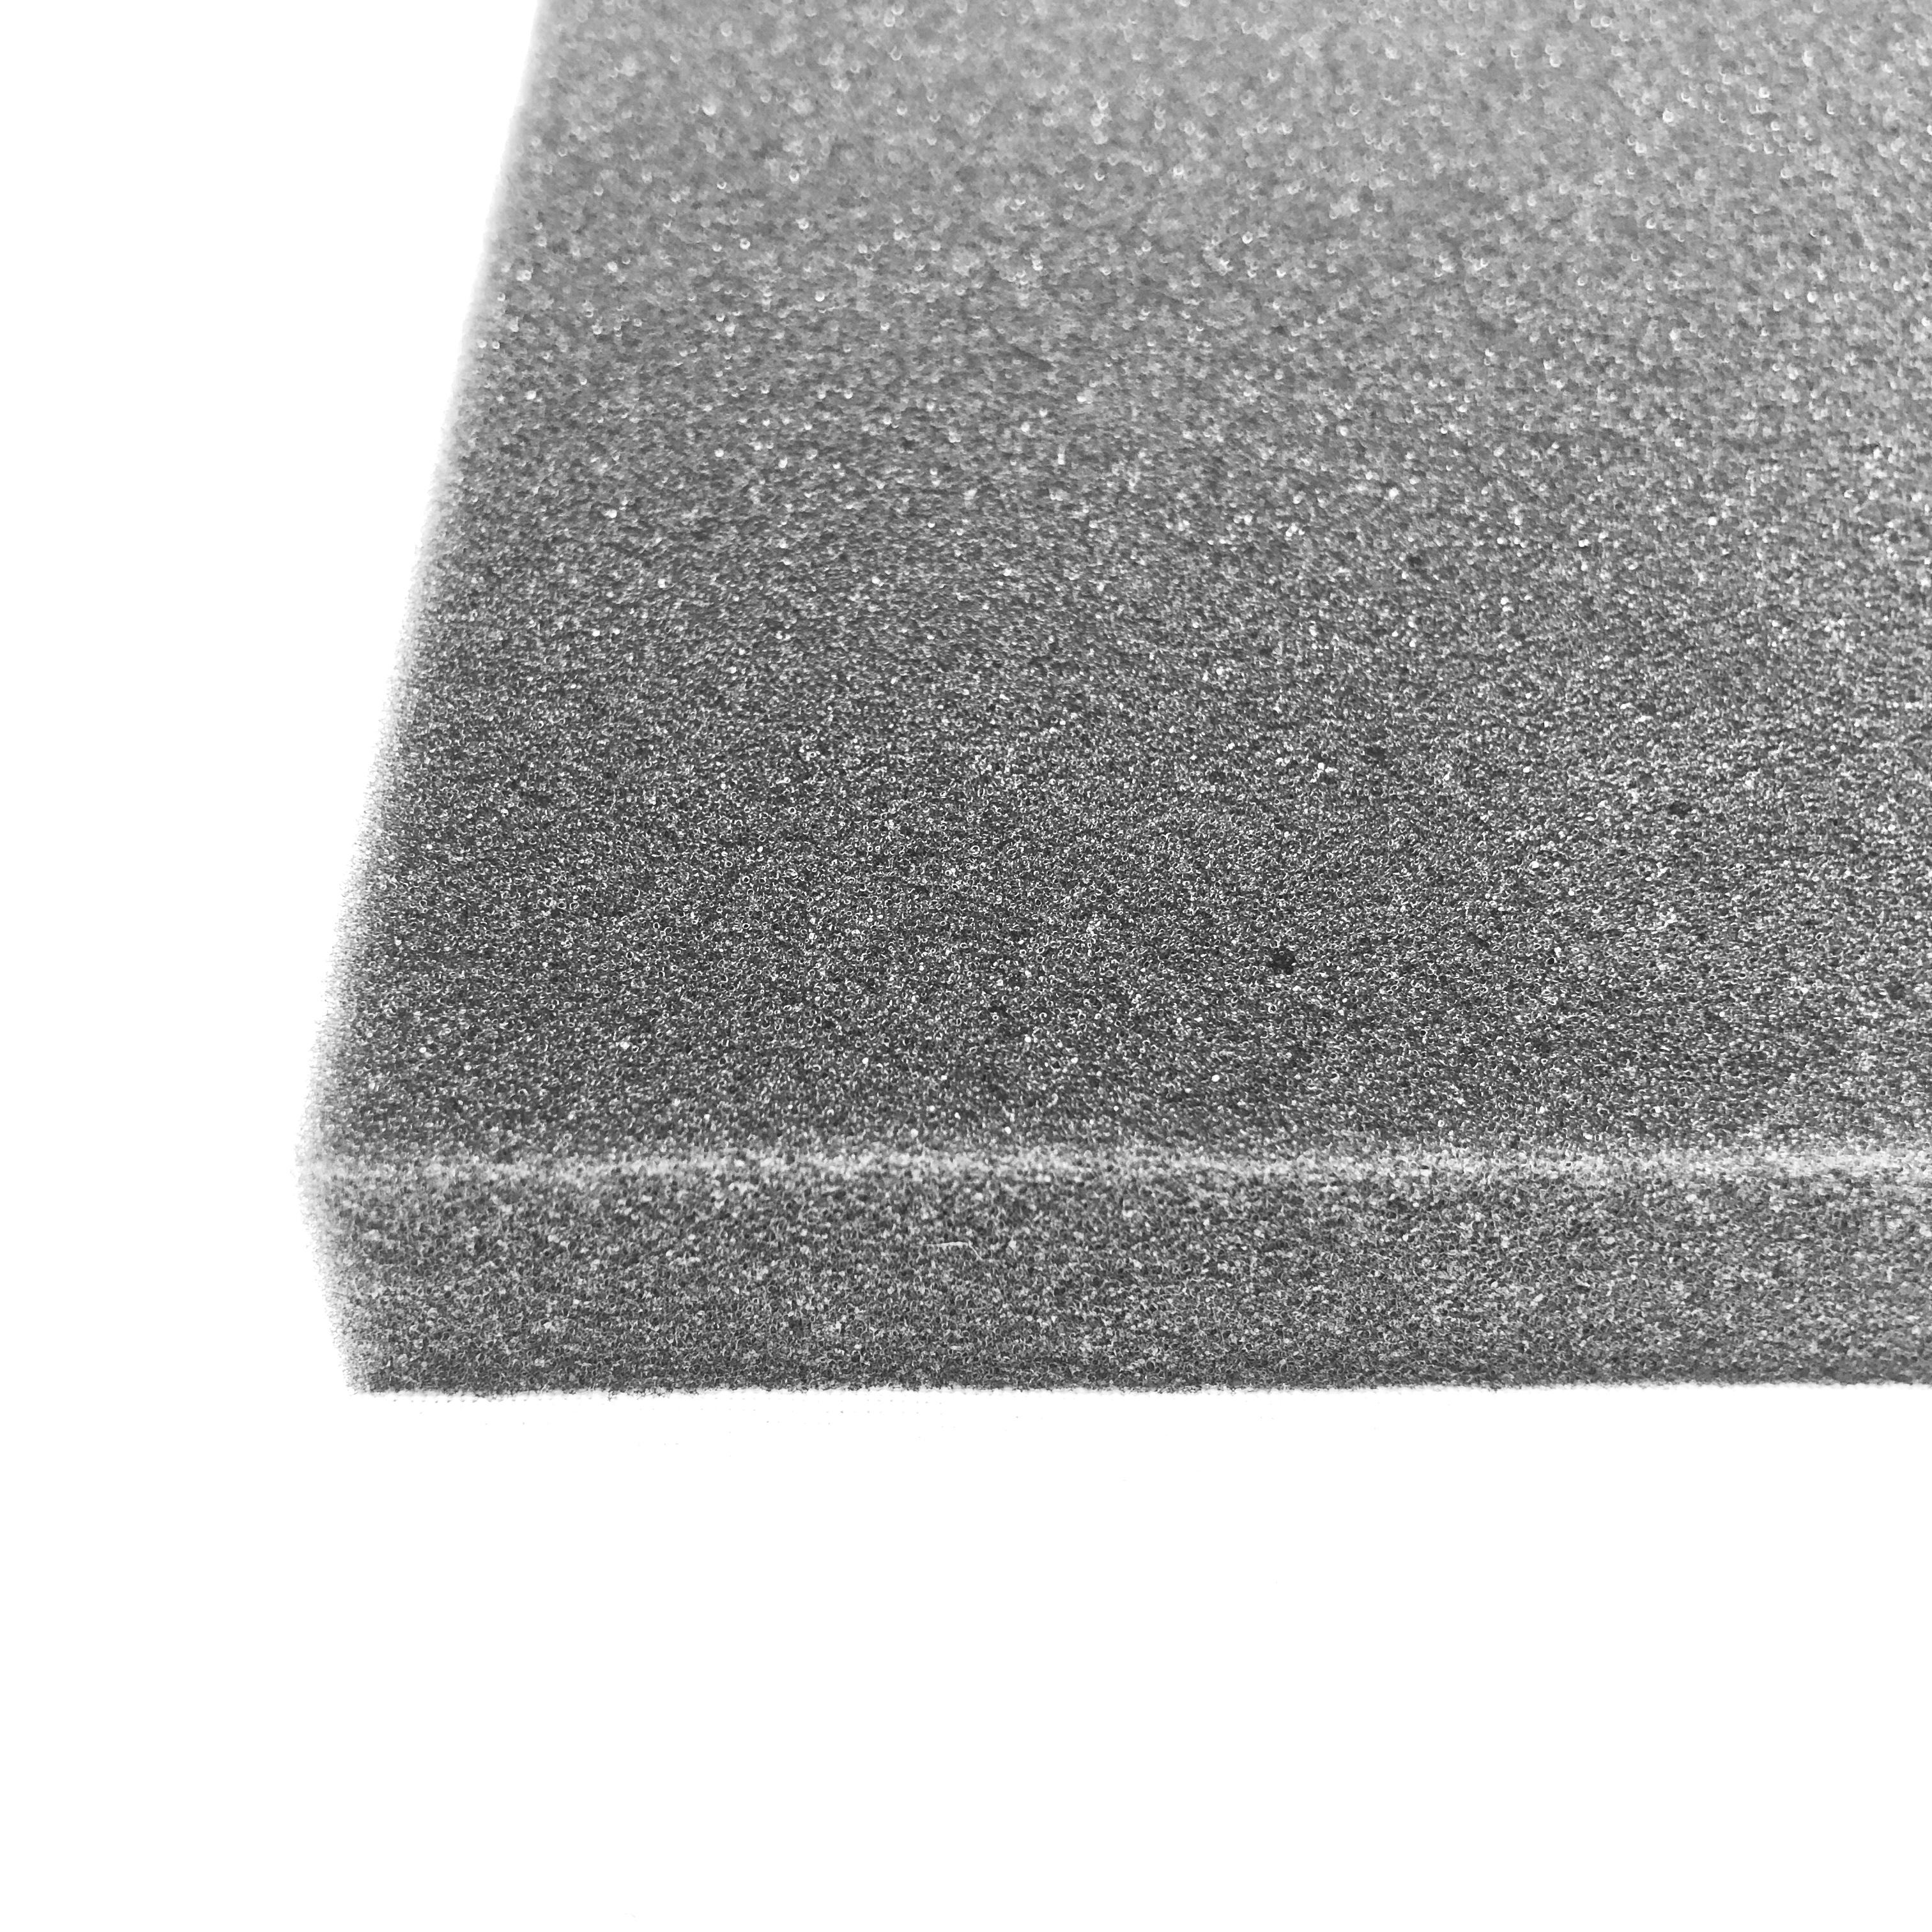 Convoluted Egg Crate Appalachian Tough™ Gun Case Foam 24 x 24 x 1.5 1.5 in